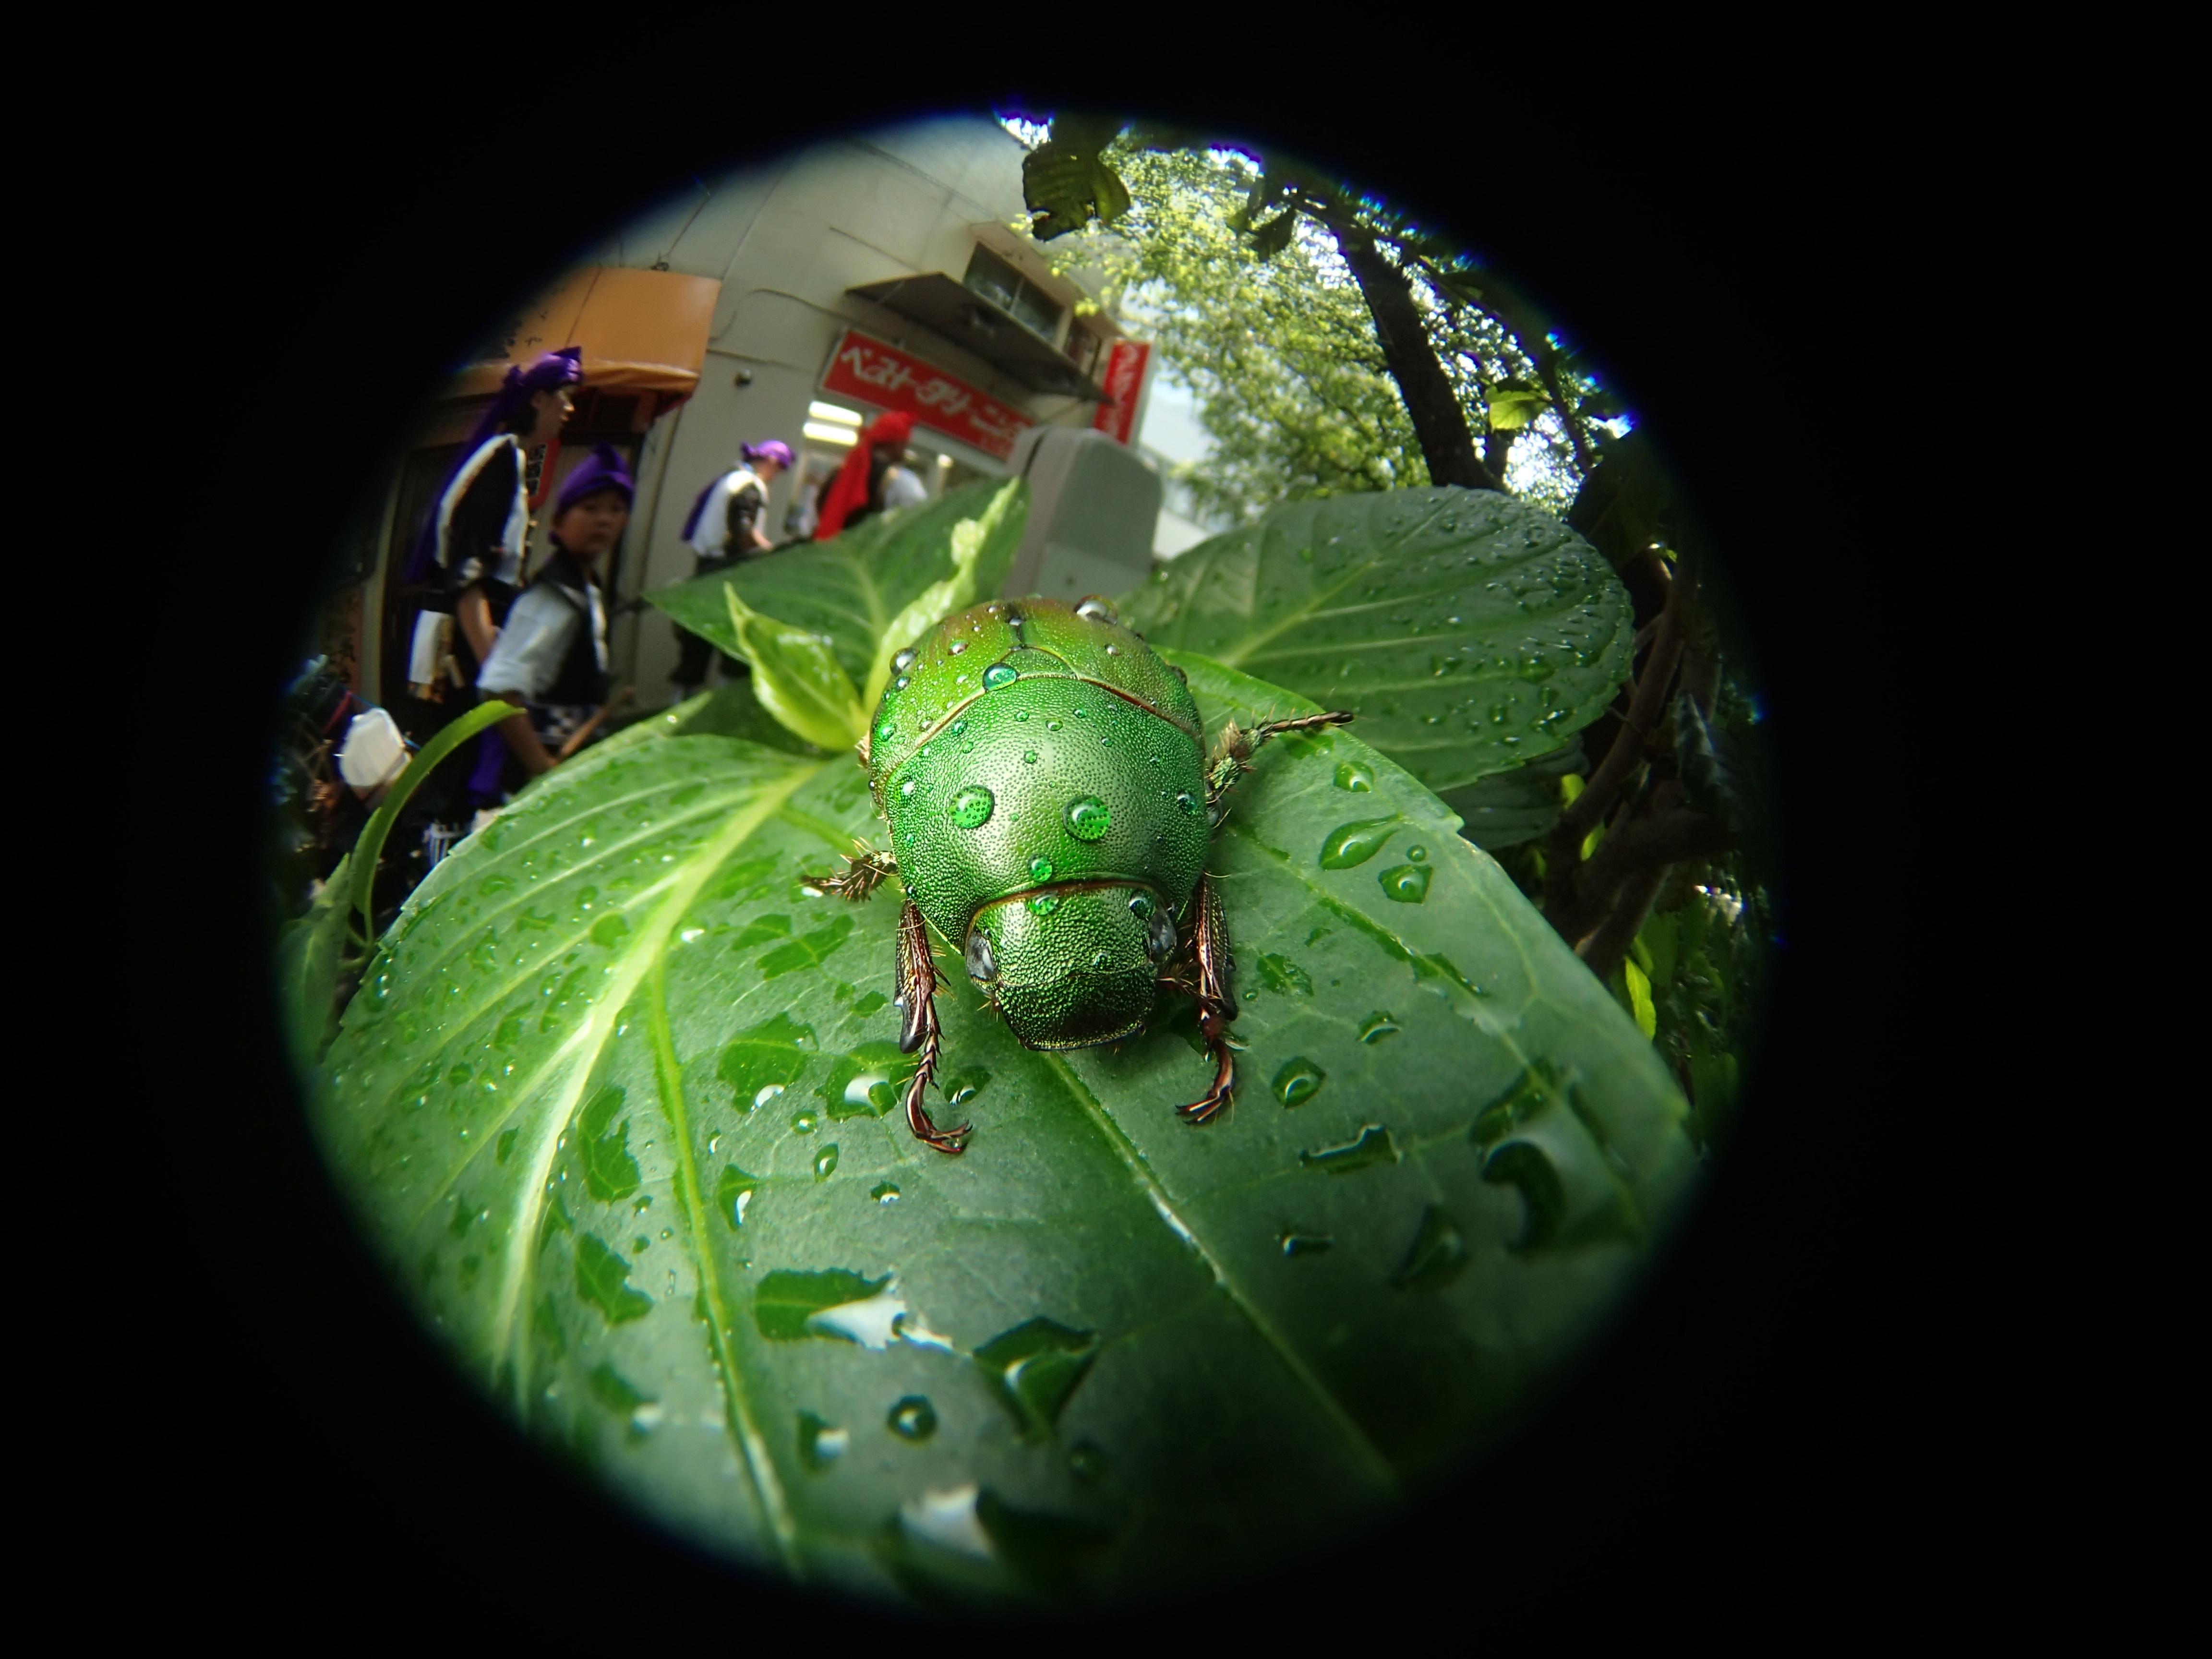 アオドウガネというコガネムシの一種が、アジサイの葉に止まっていた。濡れているのは近所の人が植え込みに水やりをしたから。東京の街はいたるところに植え込みがり、よく見るといろいろな昆虫が棲息している。金属的な緑色が工芸品的に美しい虫だが、このような自然の造形物を人間はコピーしていると言える